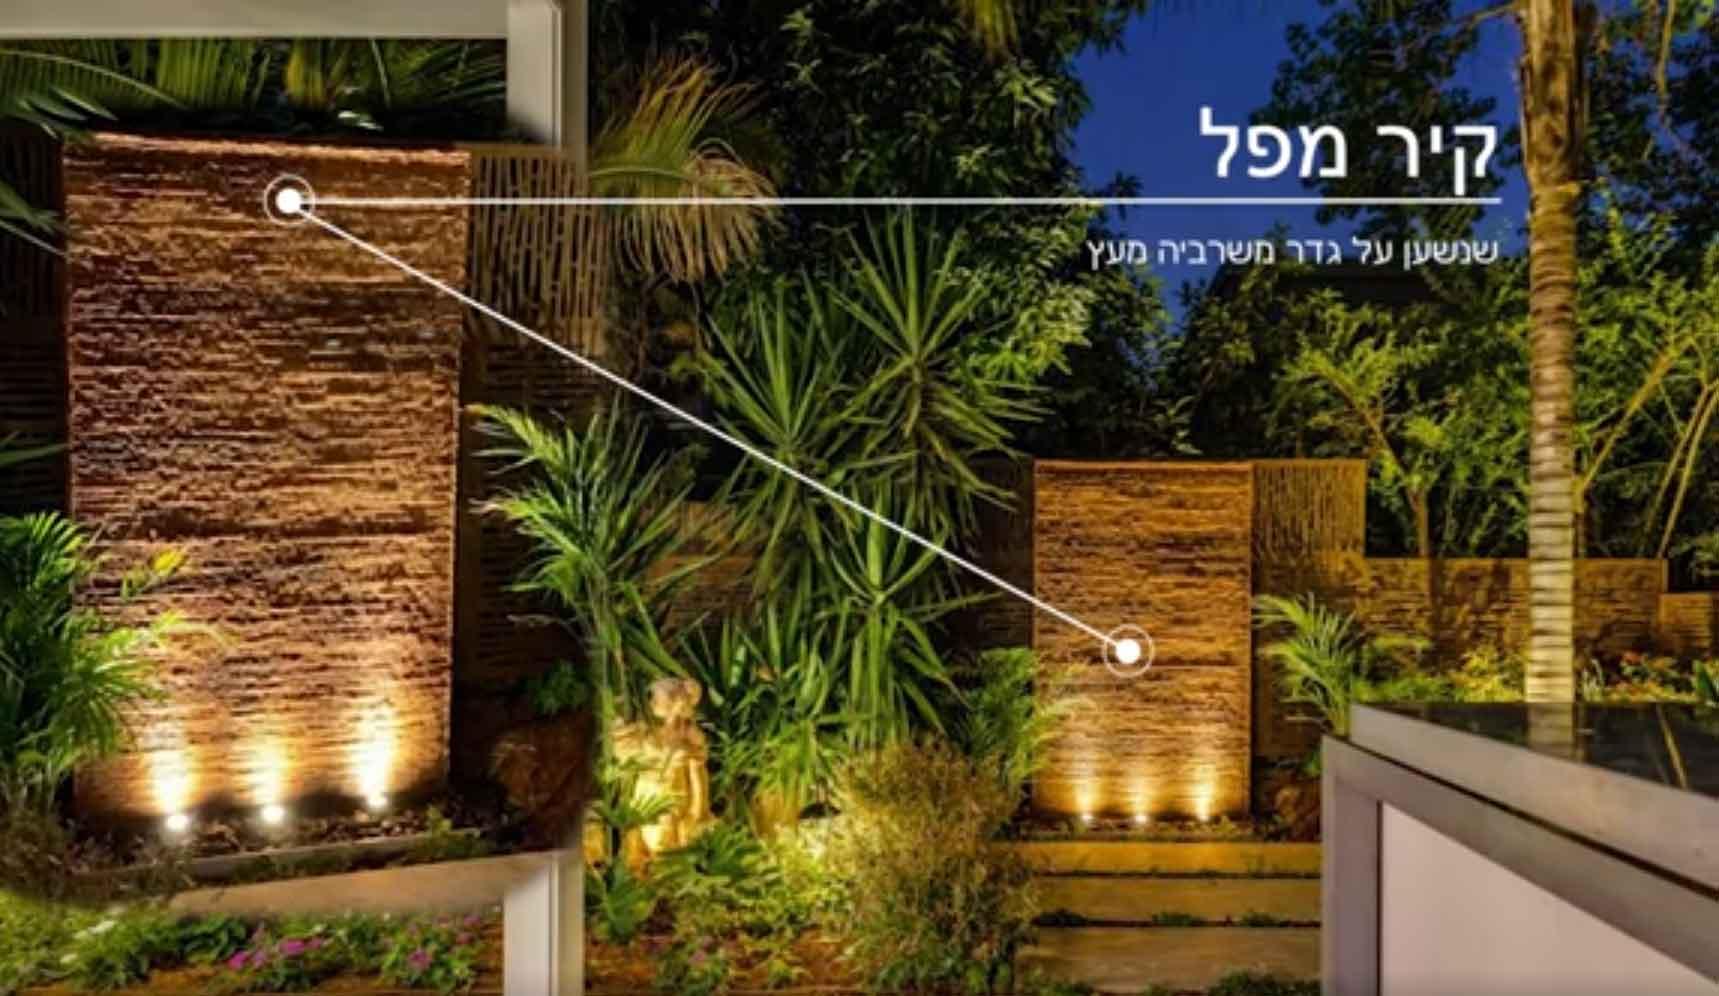 עיצוב והקמת גינת יוקרה עם בריכת שחיה בתל מונד - פרויקטים אחרונים - עיצוב גינות אמנות הגינה הקסומה